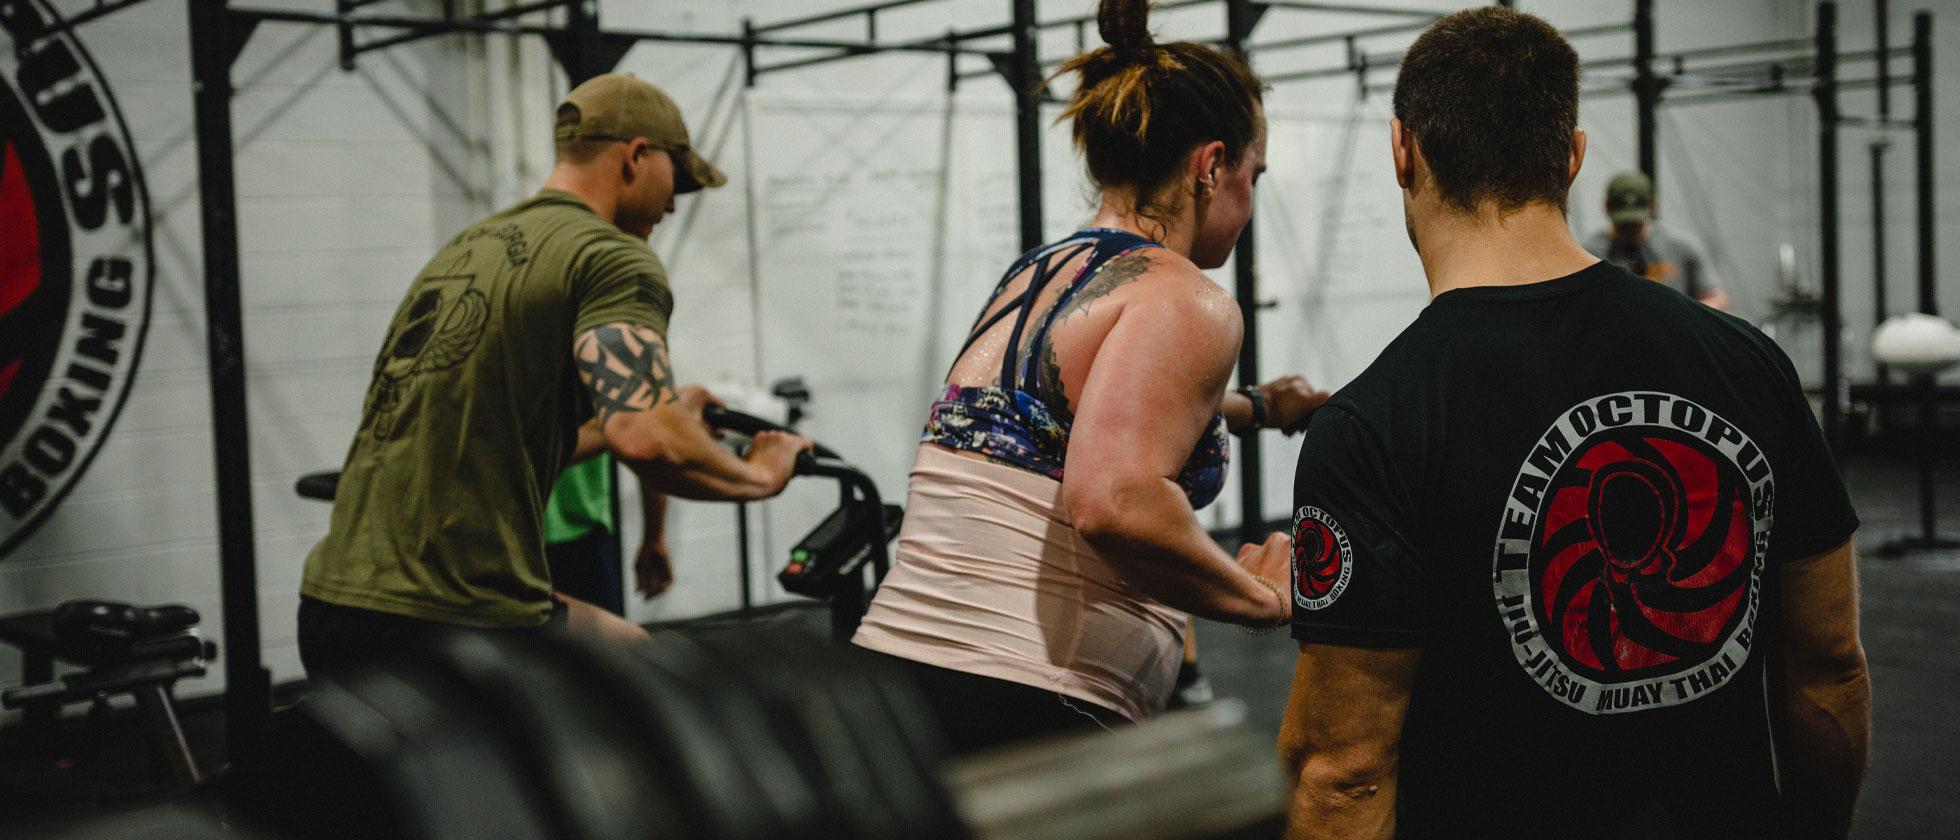 CrossFit Group Functional Fitness Classes Near Me In Atlanta, GA